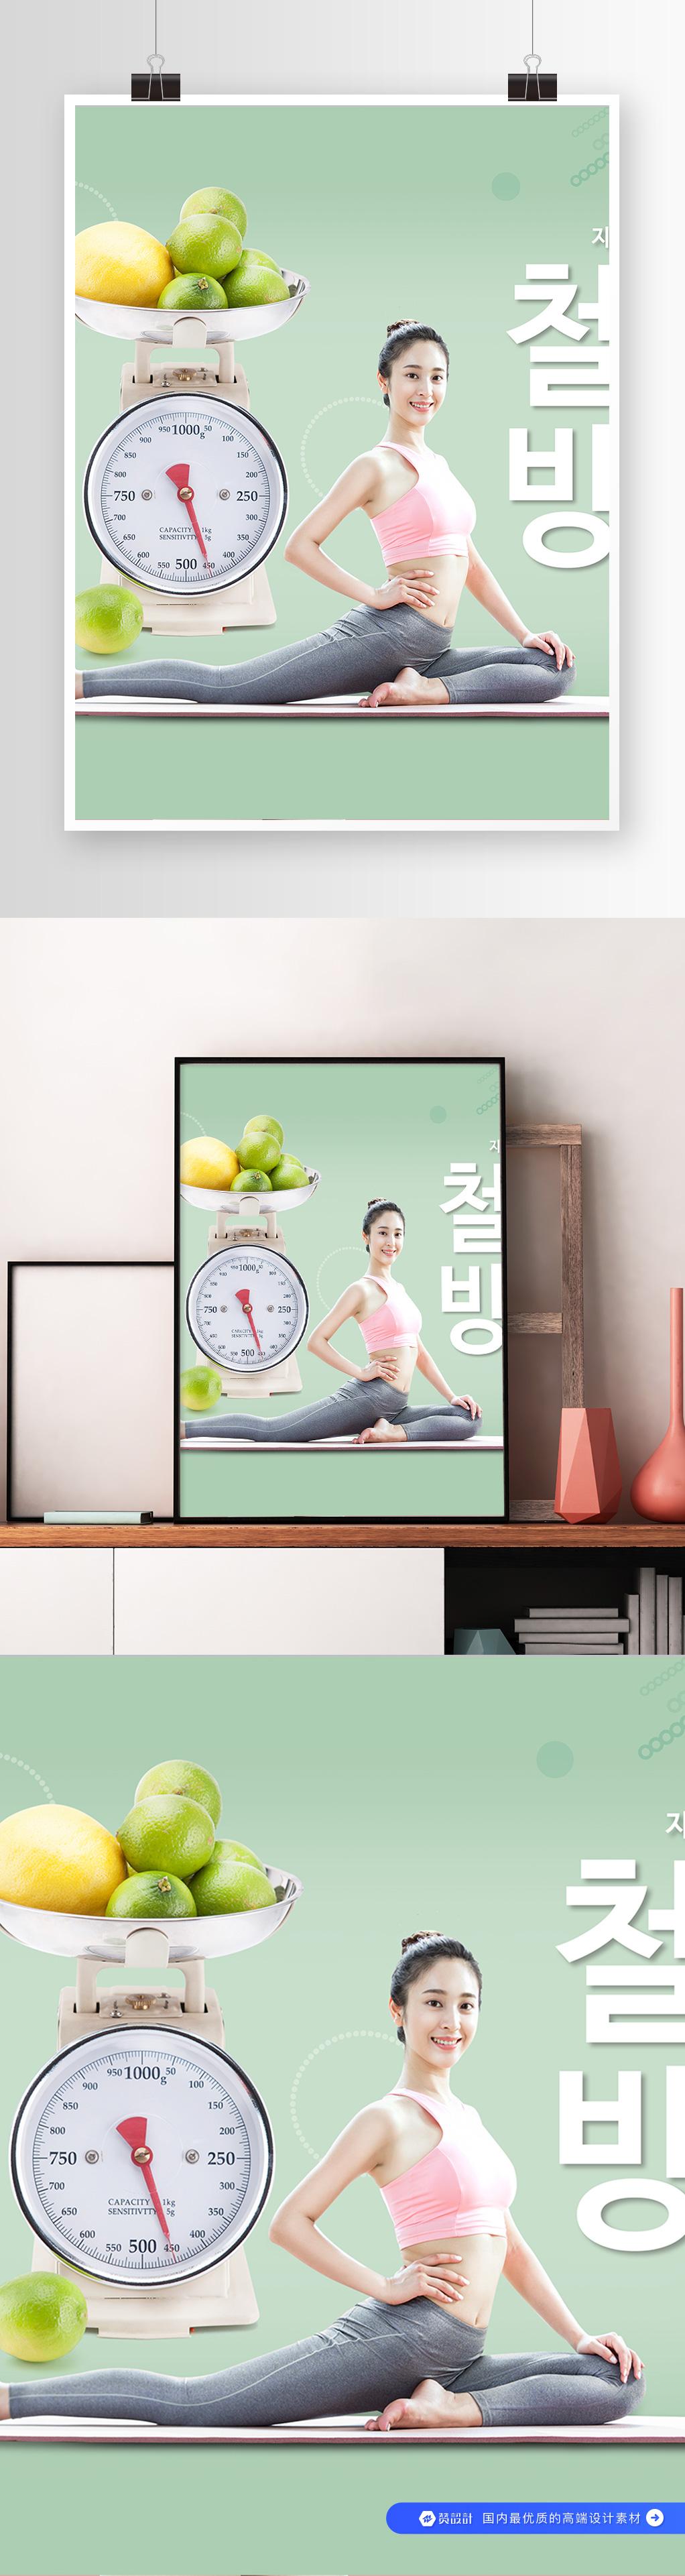 美女健康减肥餐 科学减肥宣传海报 (1)